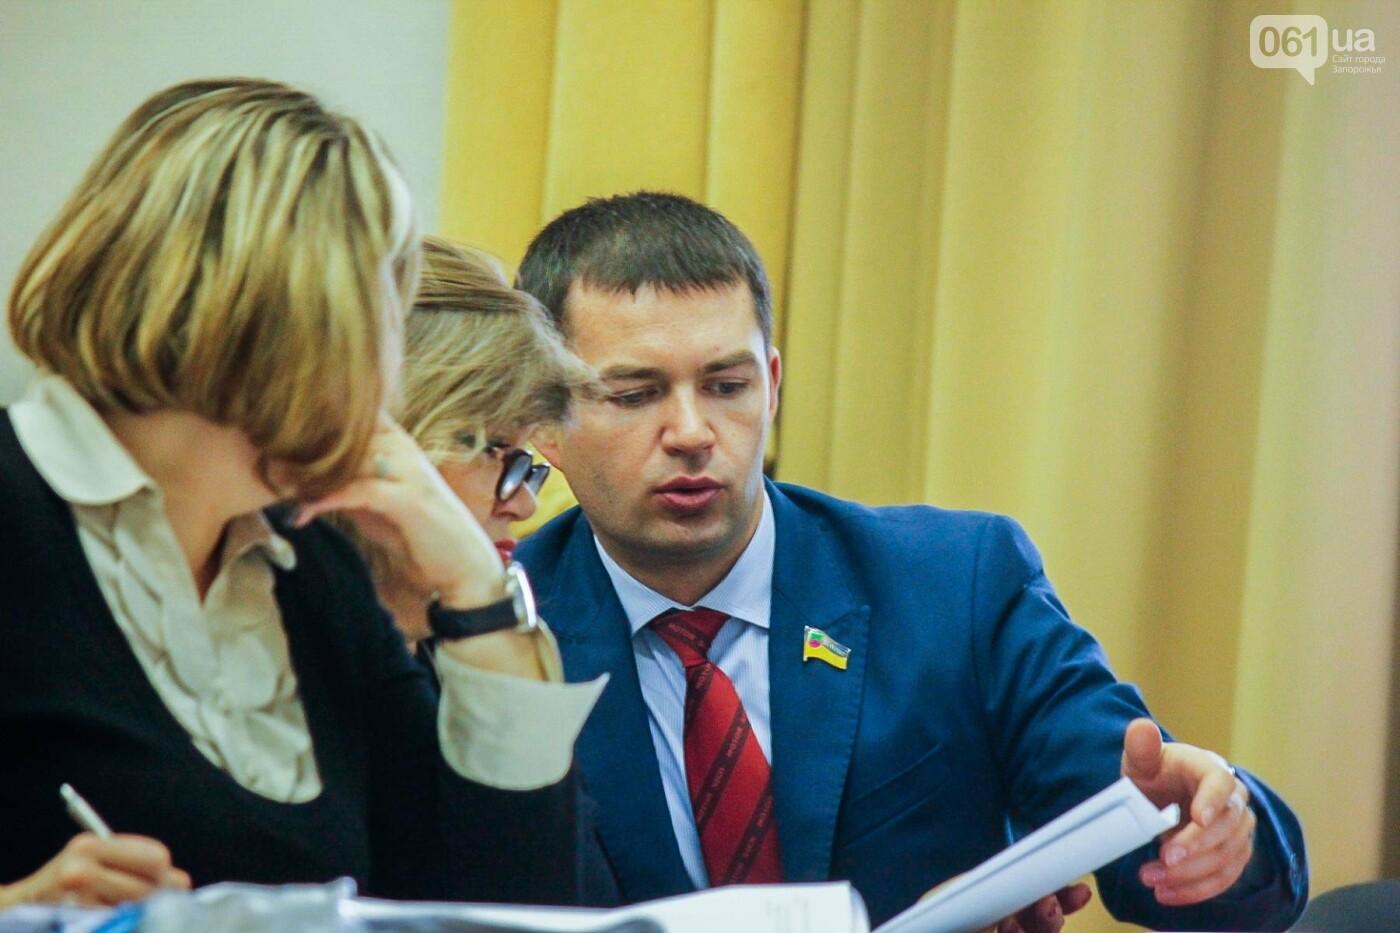 Сессия запорожского горсовета в лицах, - ФОТОРЕПОРТАЖ, фото-13